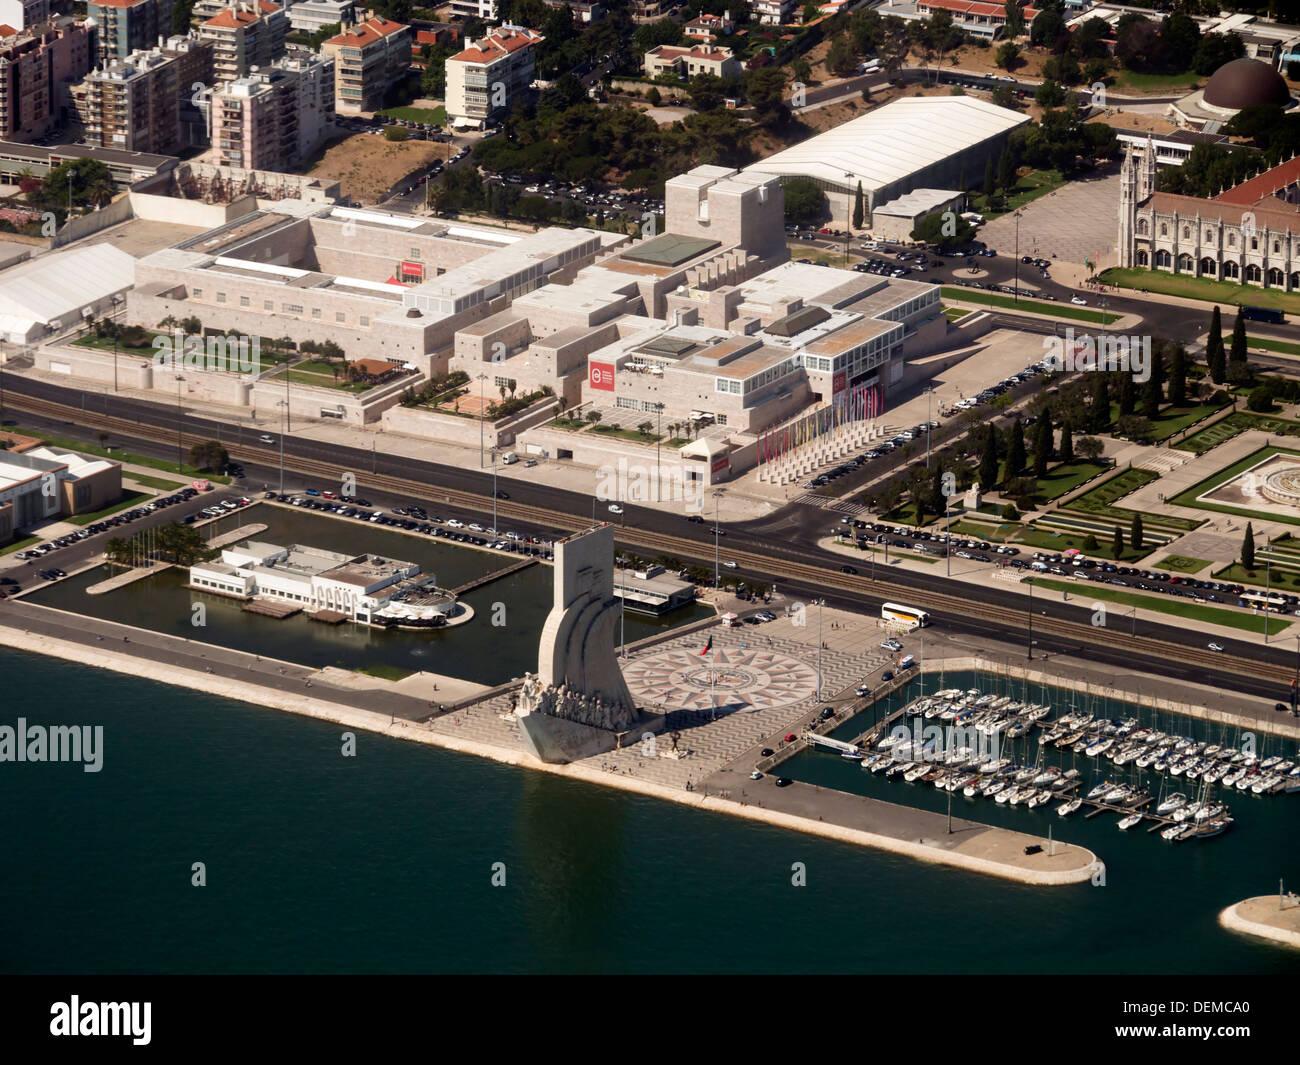 Centro Cultural de Belém and Padrão dos Descobrimentos in Belém, Lisbon, Portugal - Stock Image